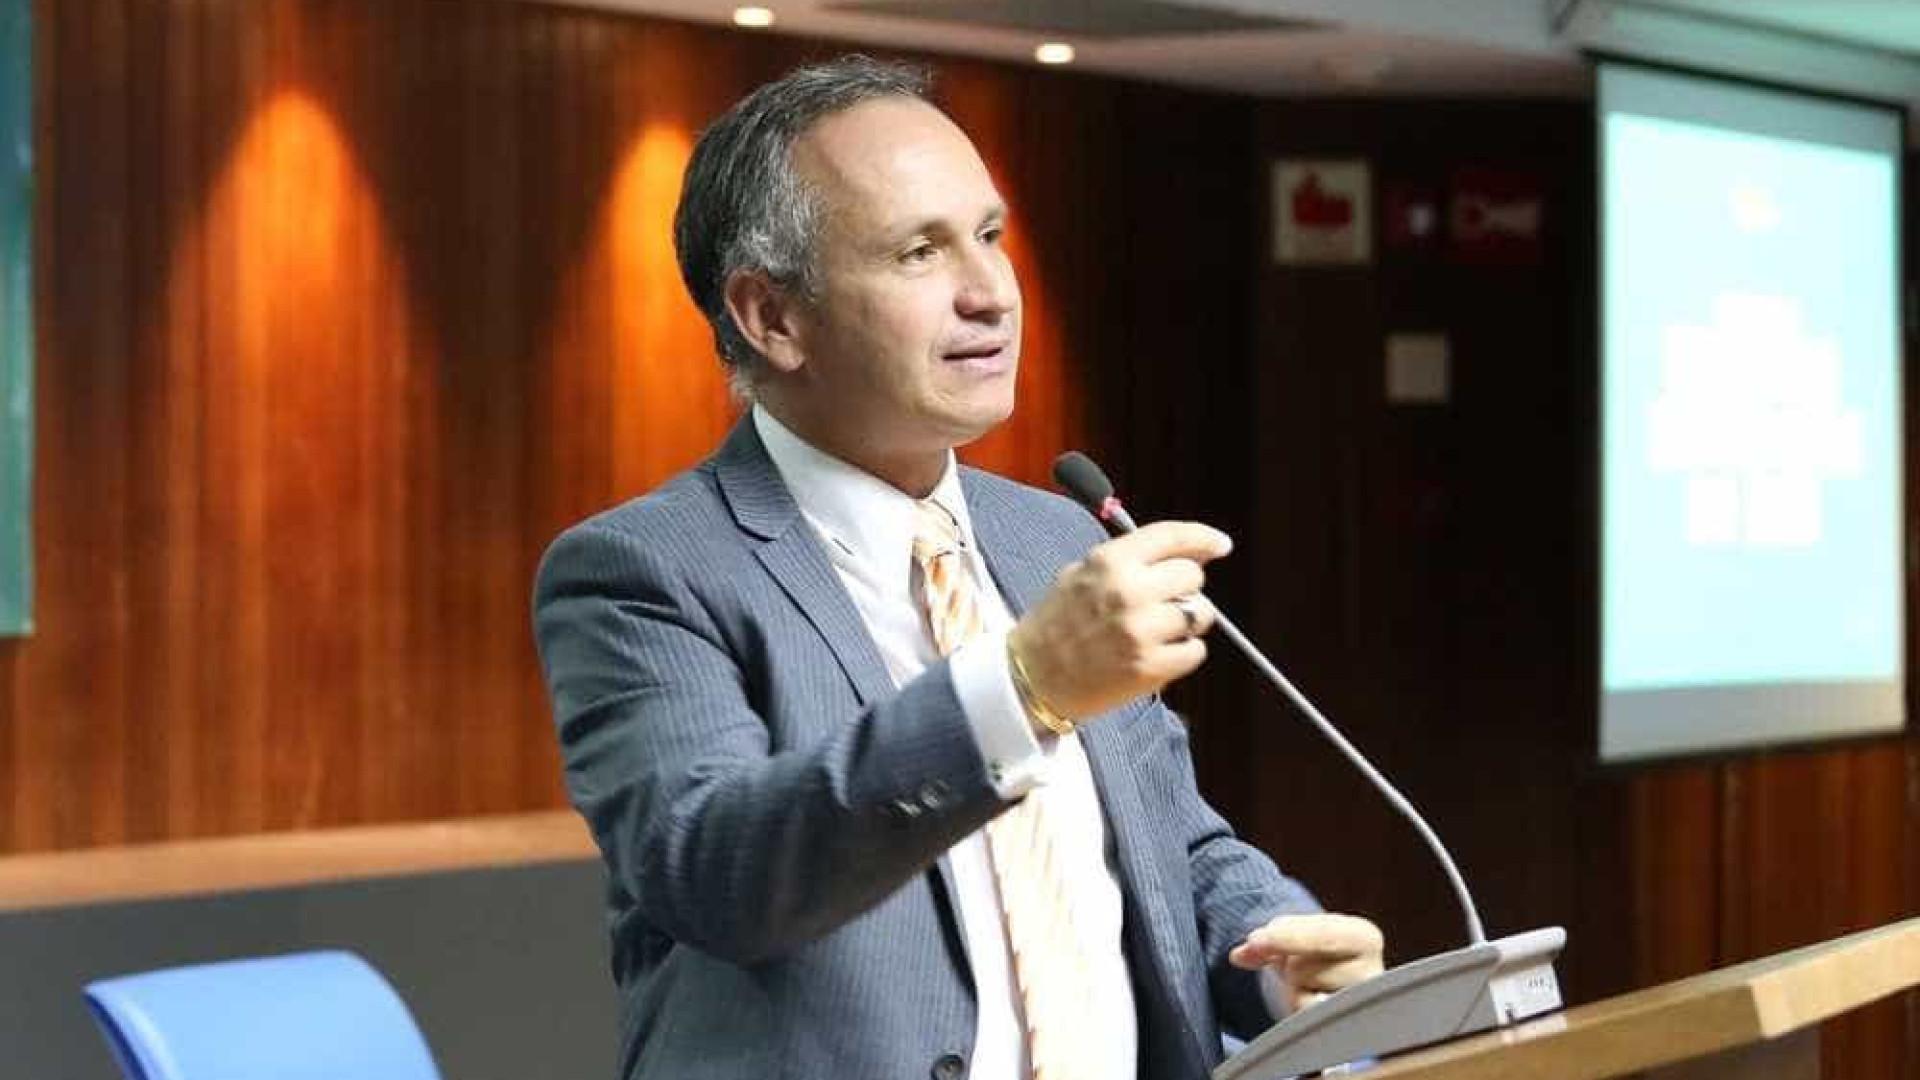 Presidente do INSS é demitido após impasse em contrato